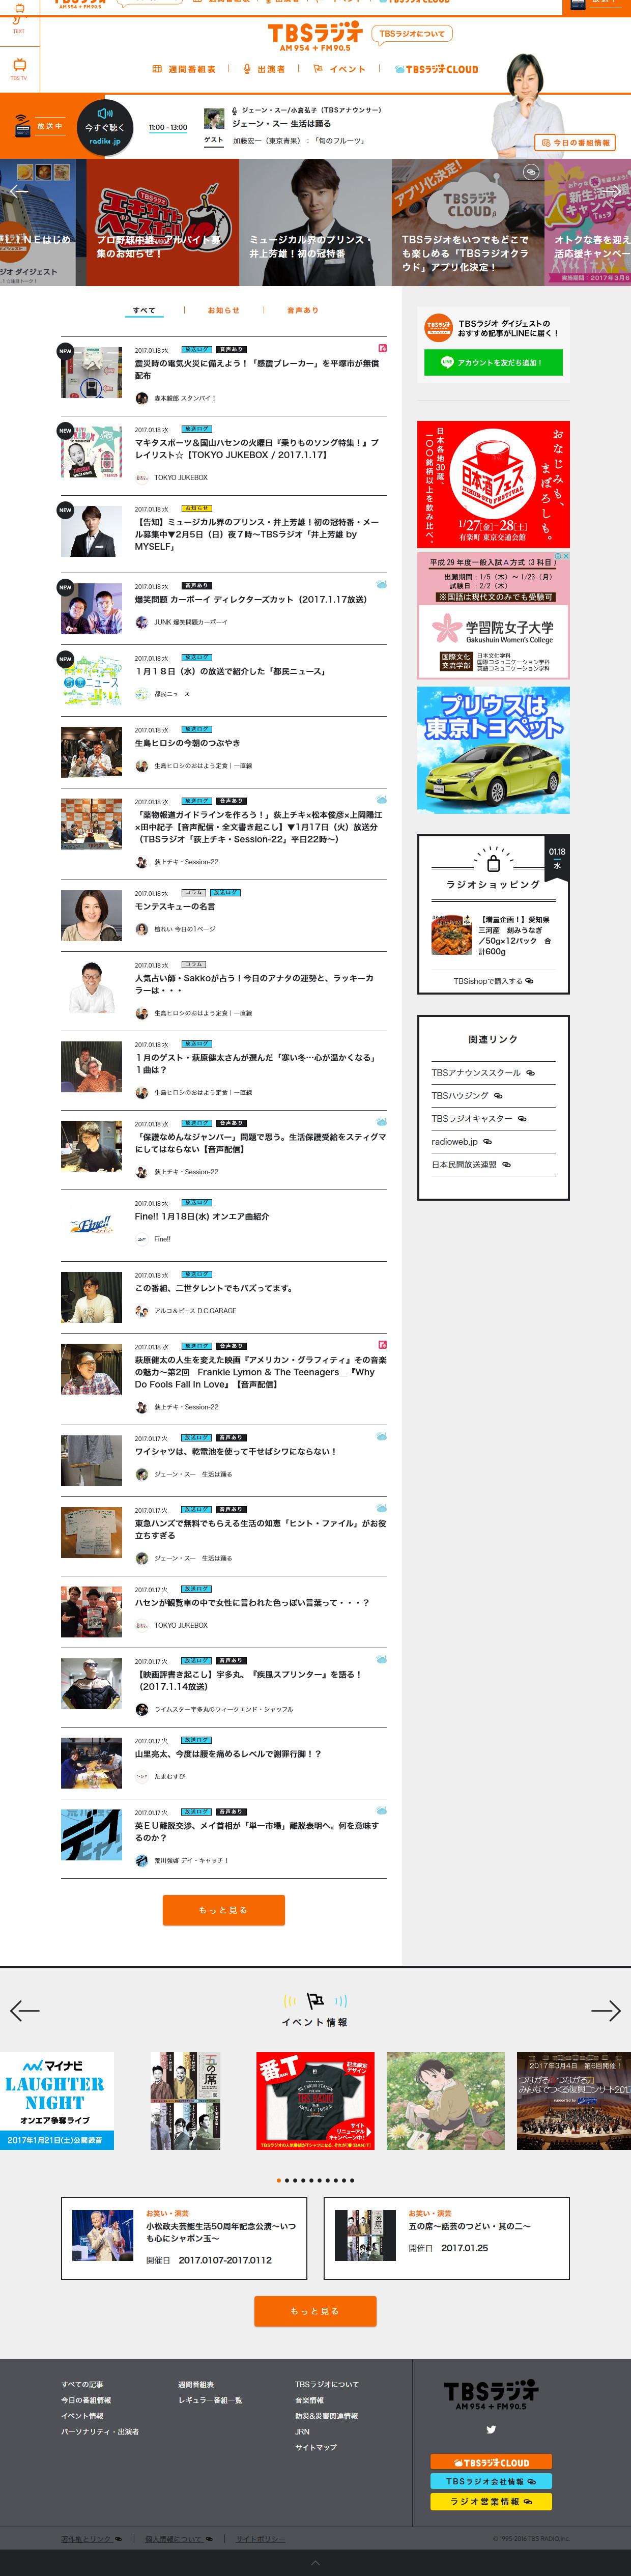 TBSラジオAM954+FM90.5 http://www.tbsradio.jp/